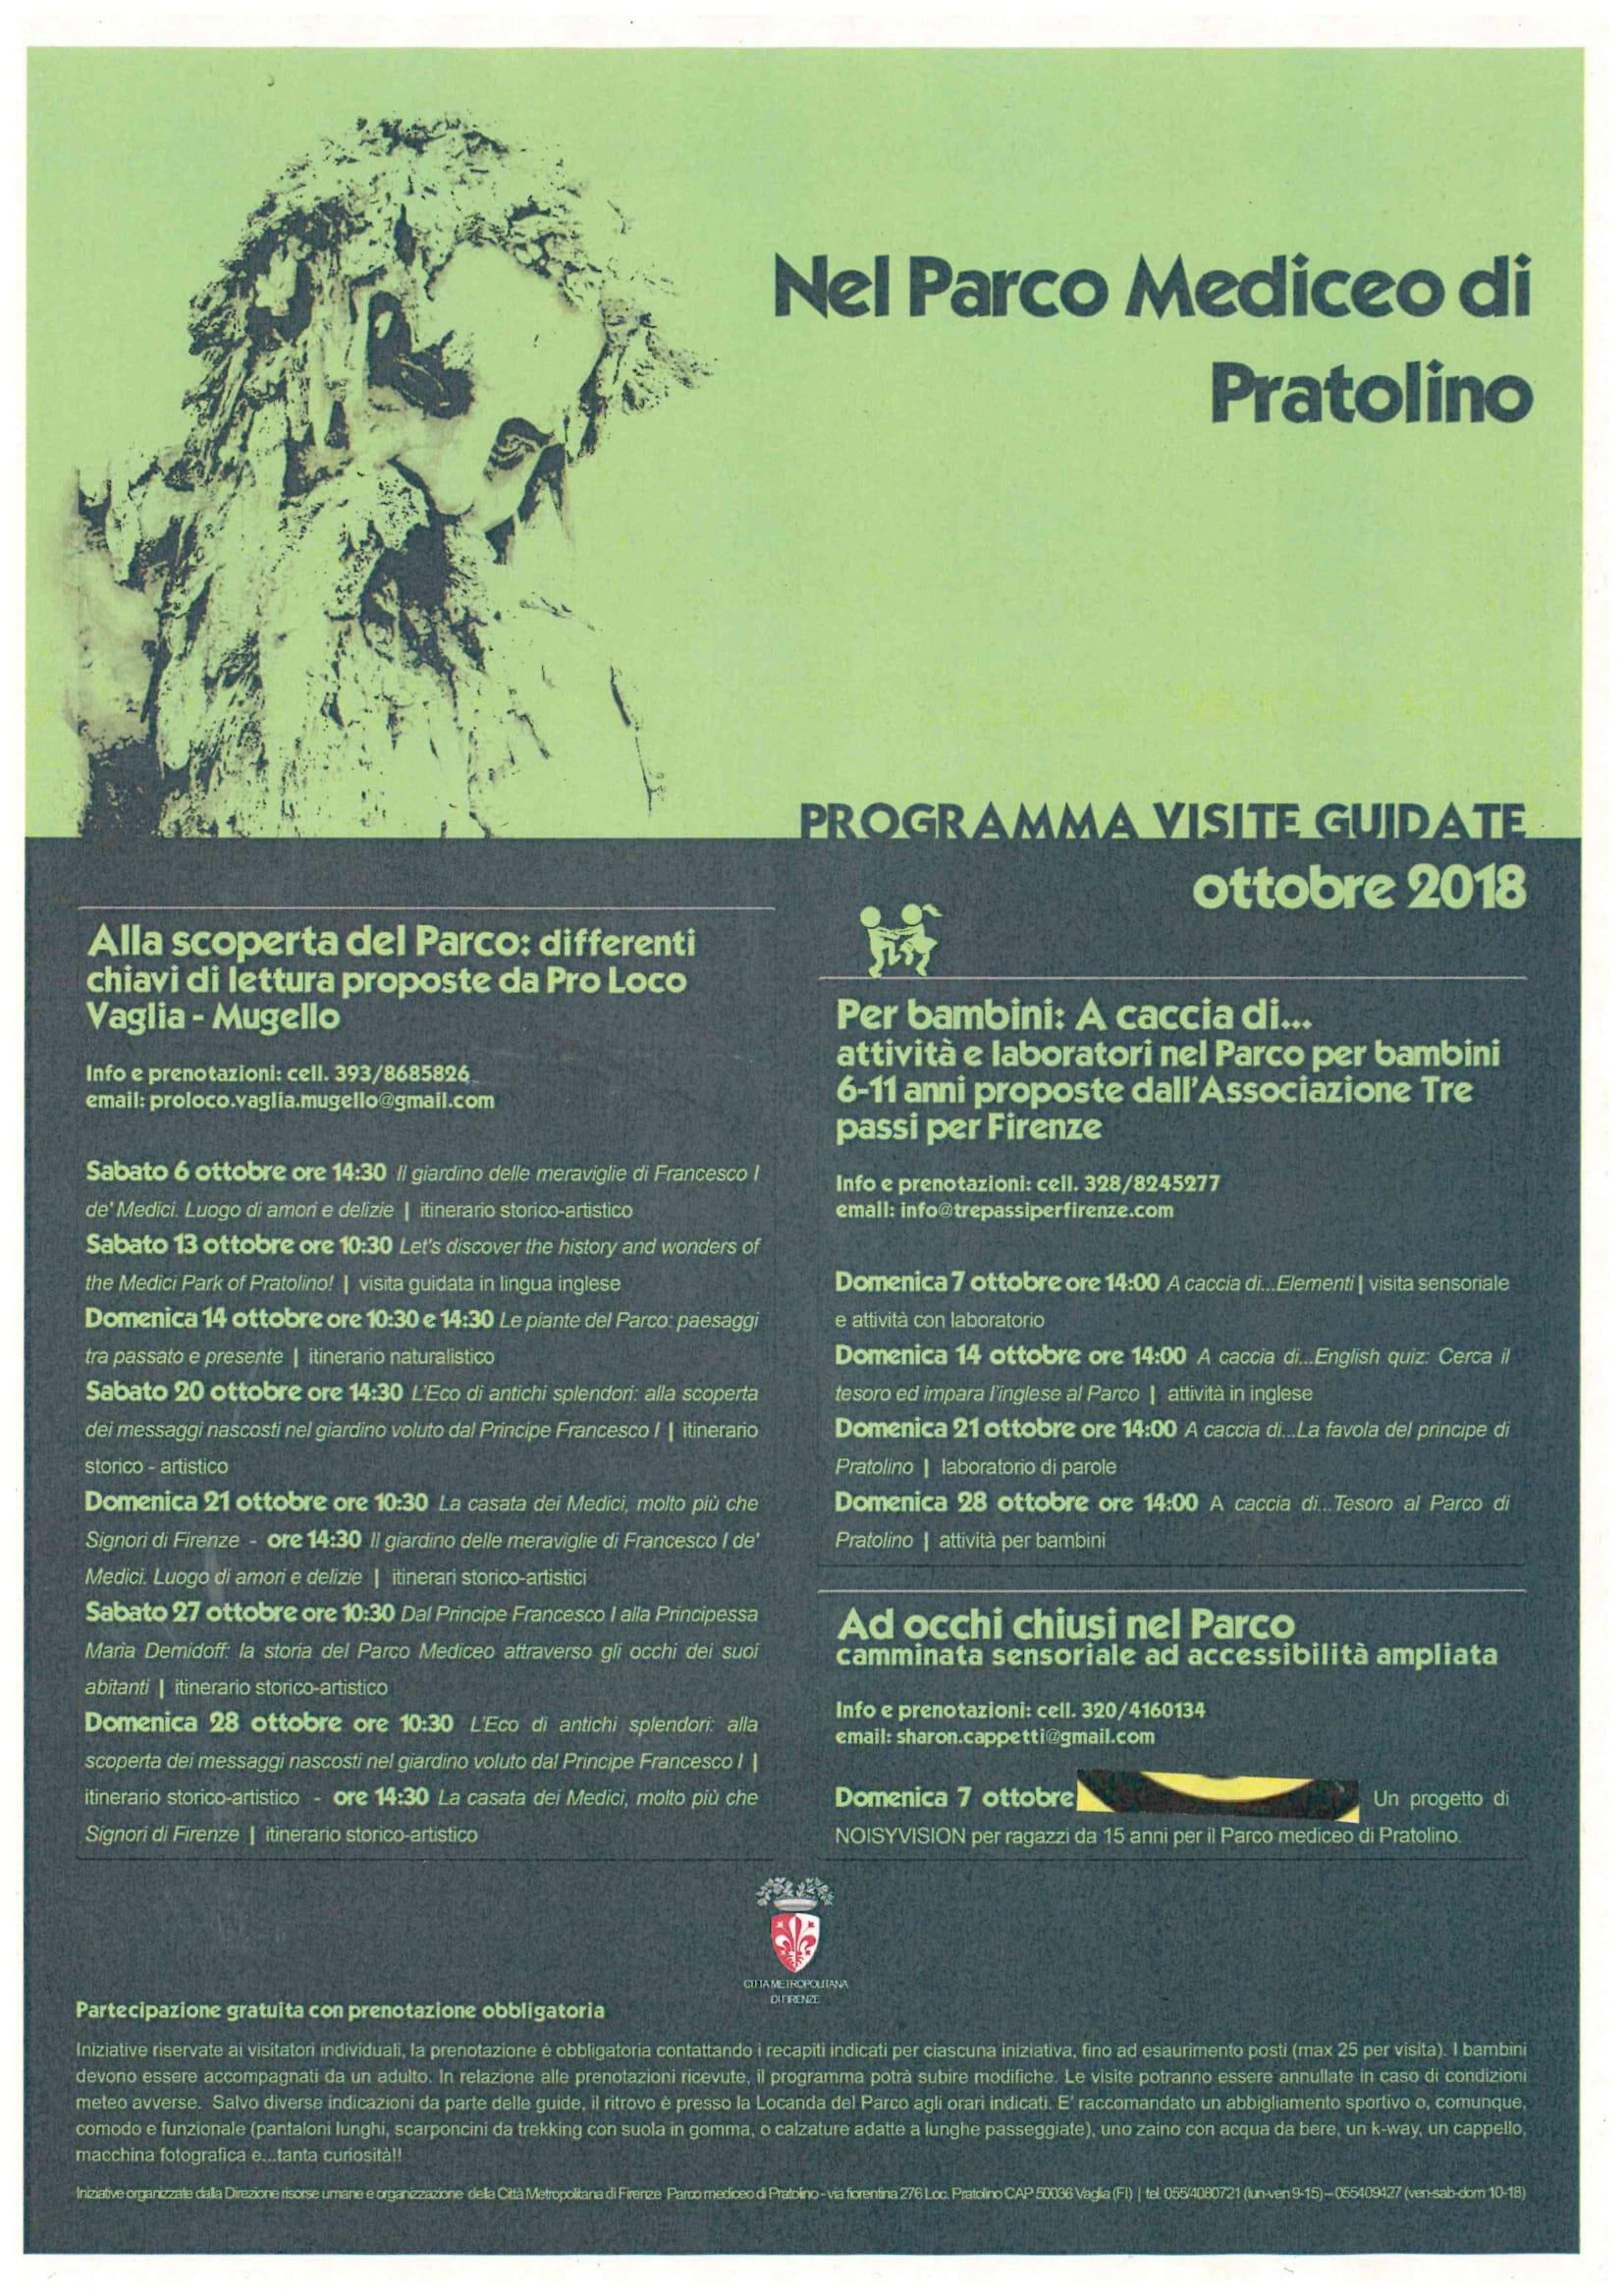 Ottobre nel Parco di Pratolino